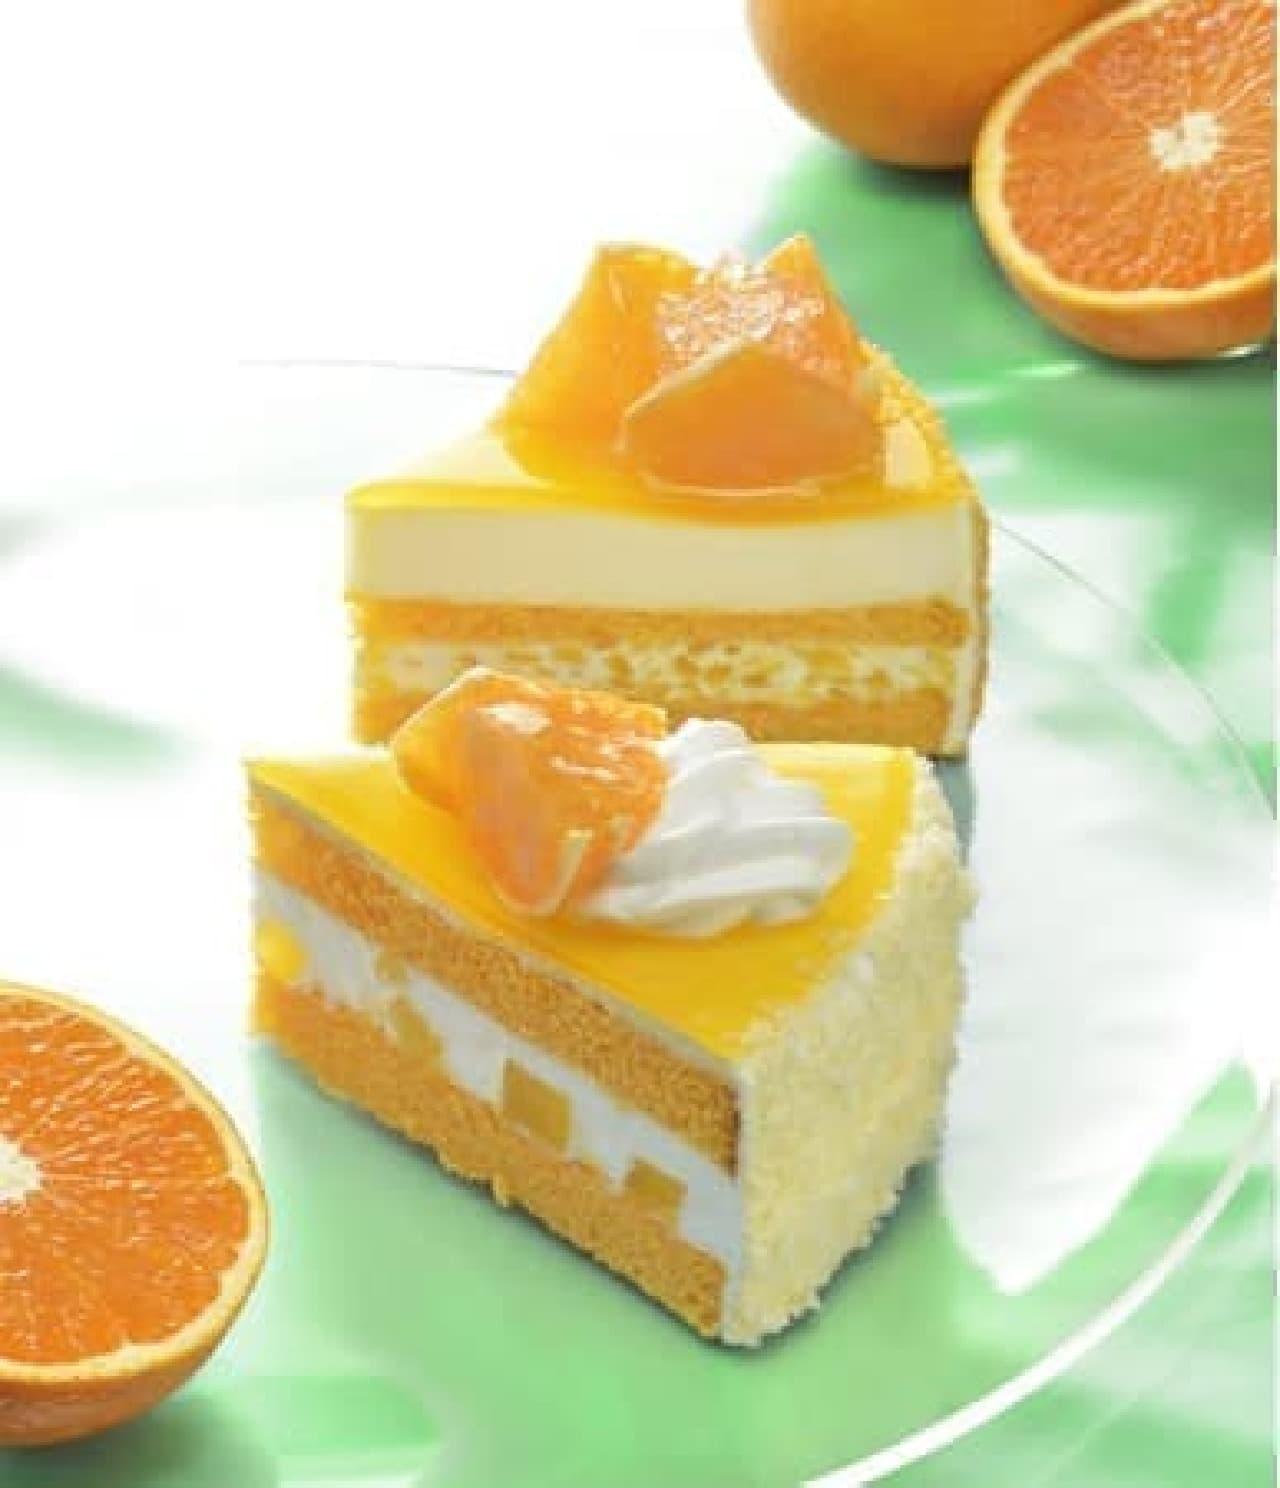 銀座コージーコーナー「清見オレンジショート」「清見オレンジのレアチーズ」